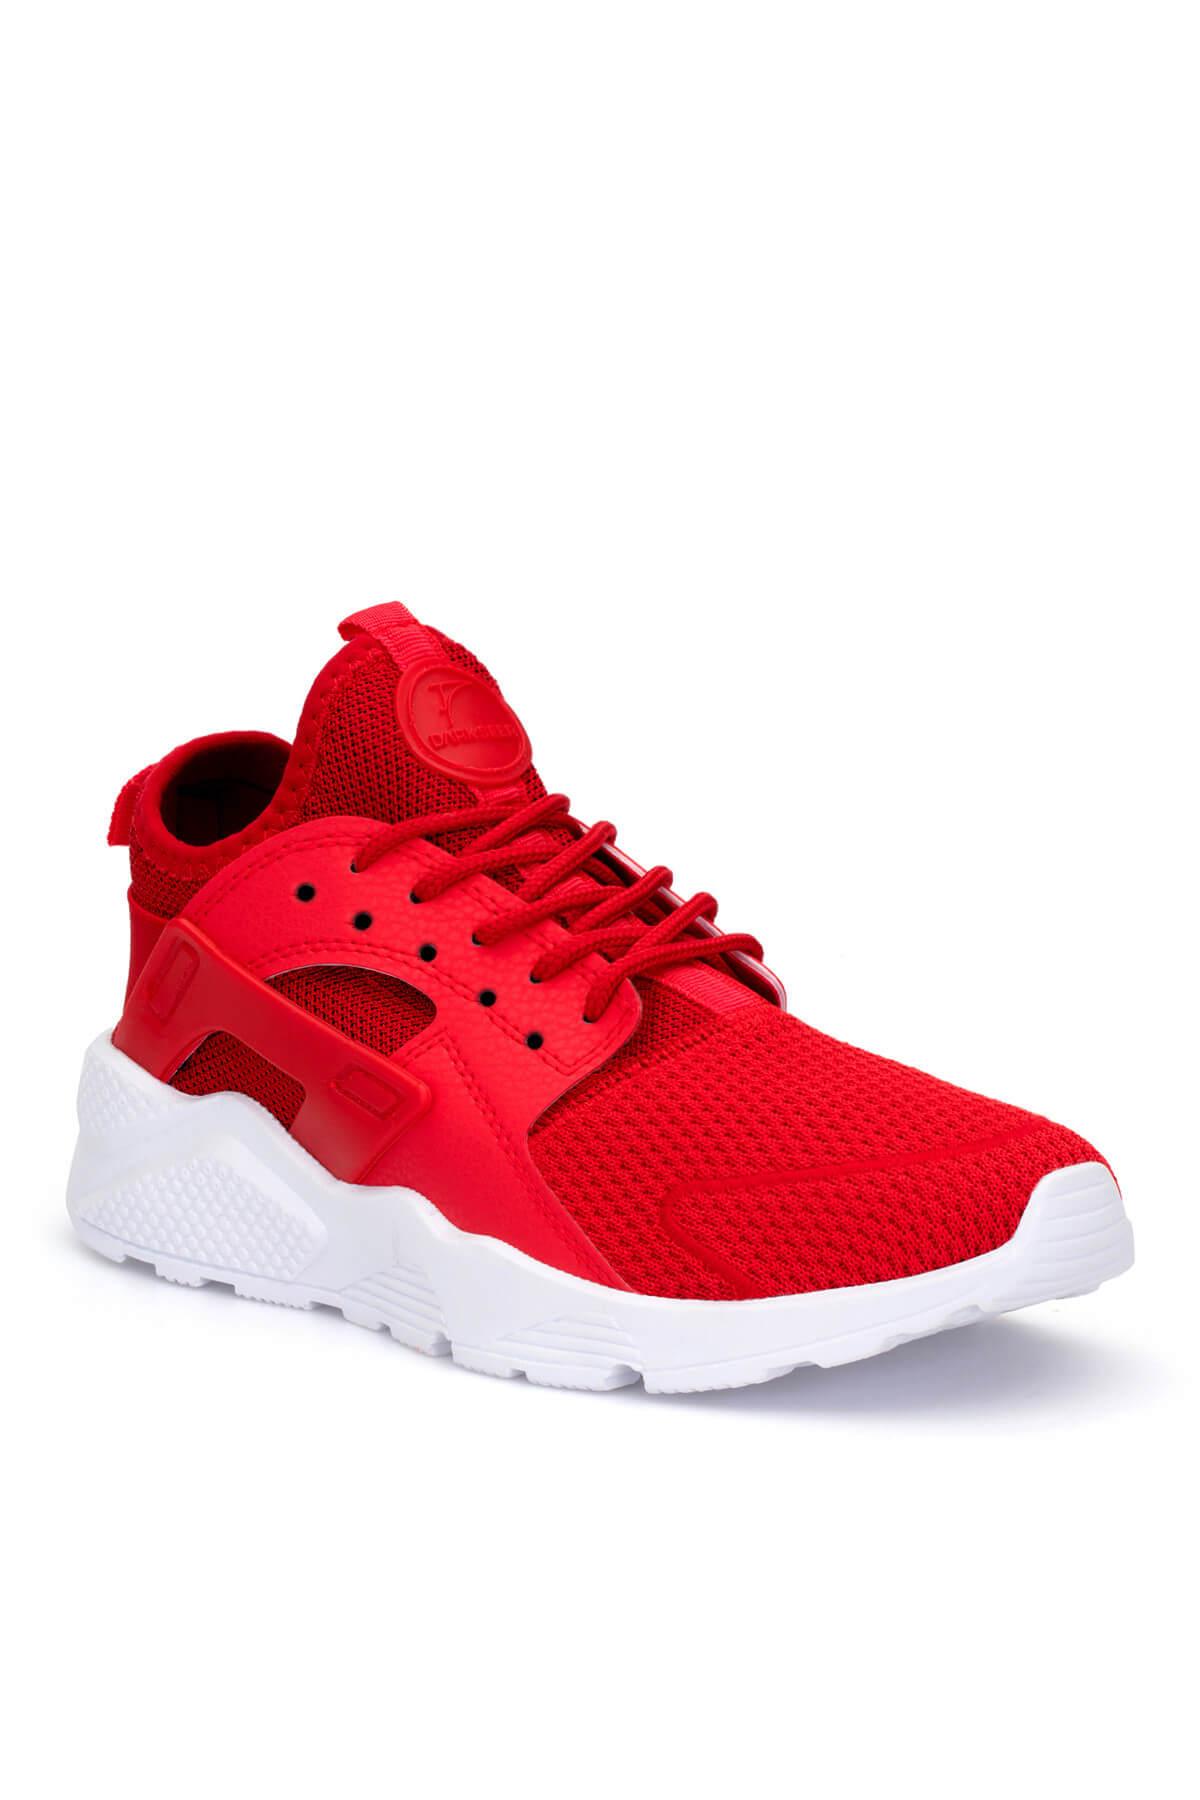 DARK SEER Kırmızı Unisex Sneaker HR2.DS 2